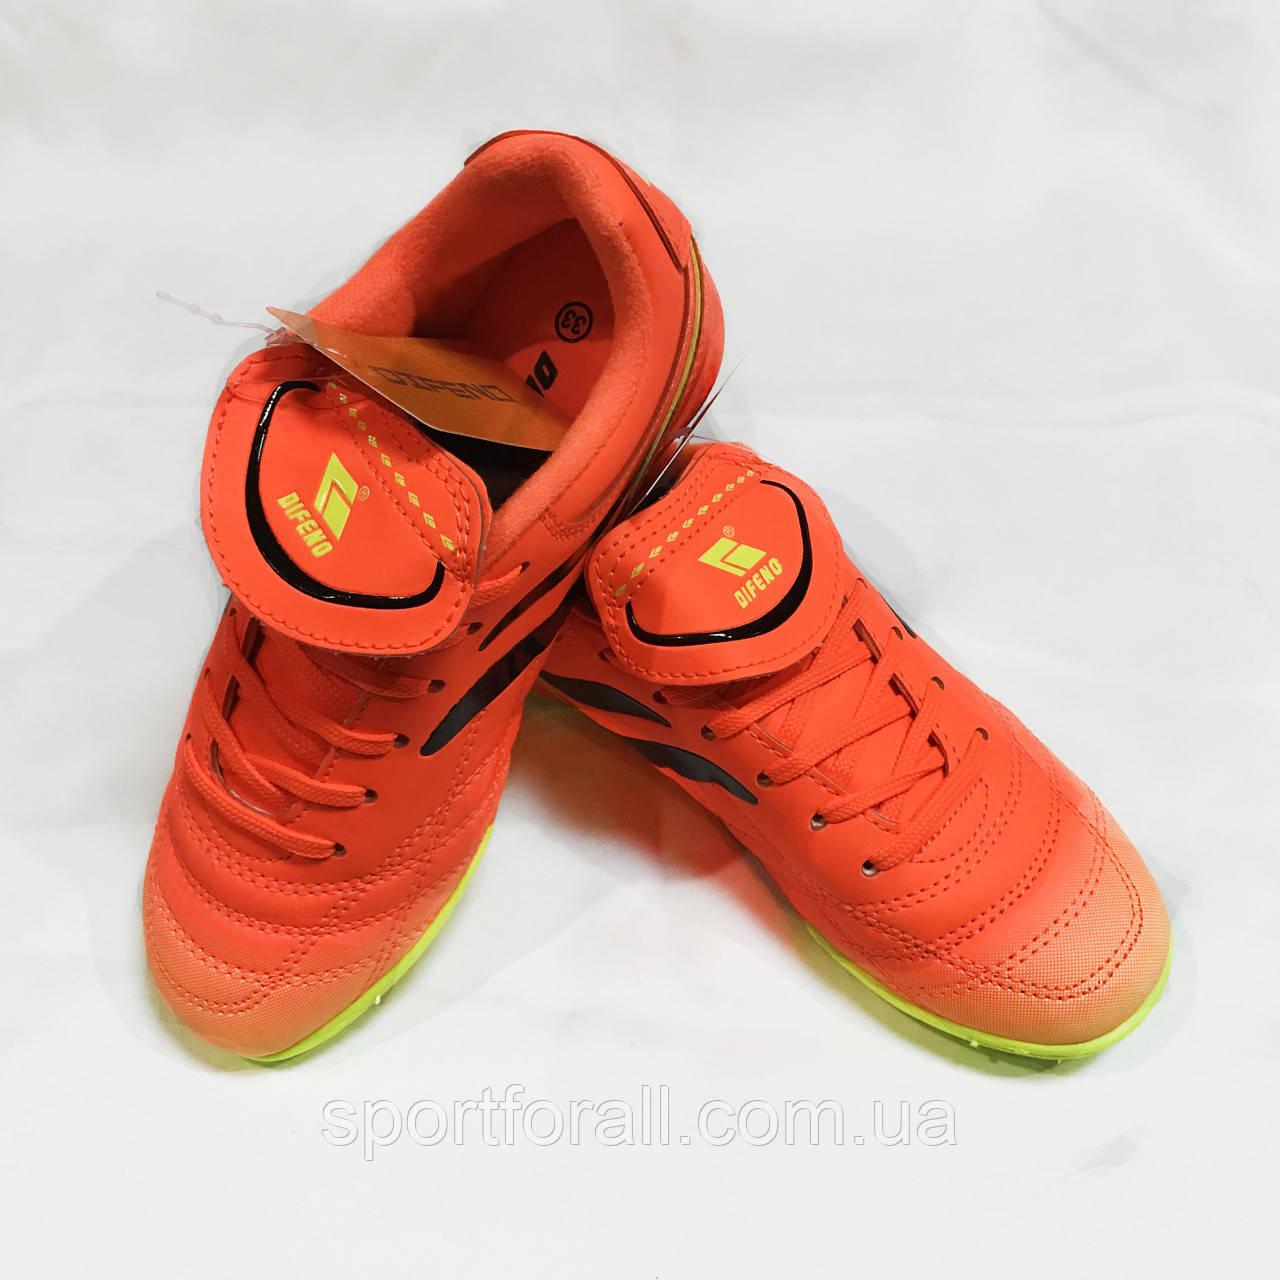 Футбольные сороконожки детские  KMB Bry ant р.33 C1597-2